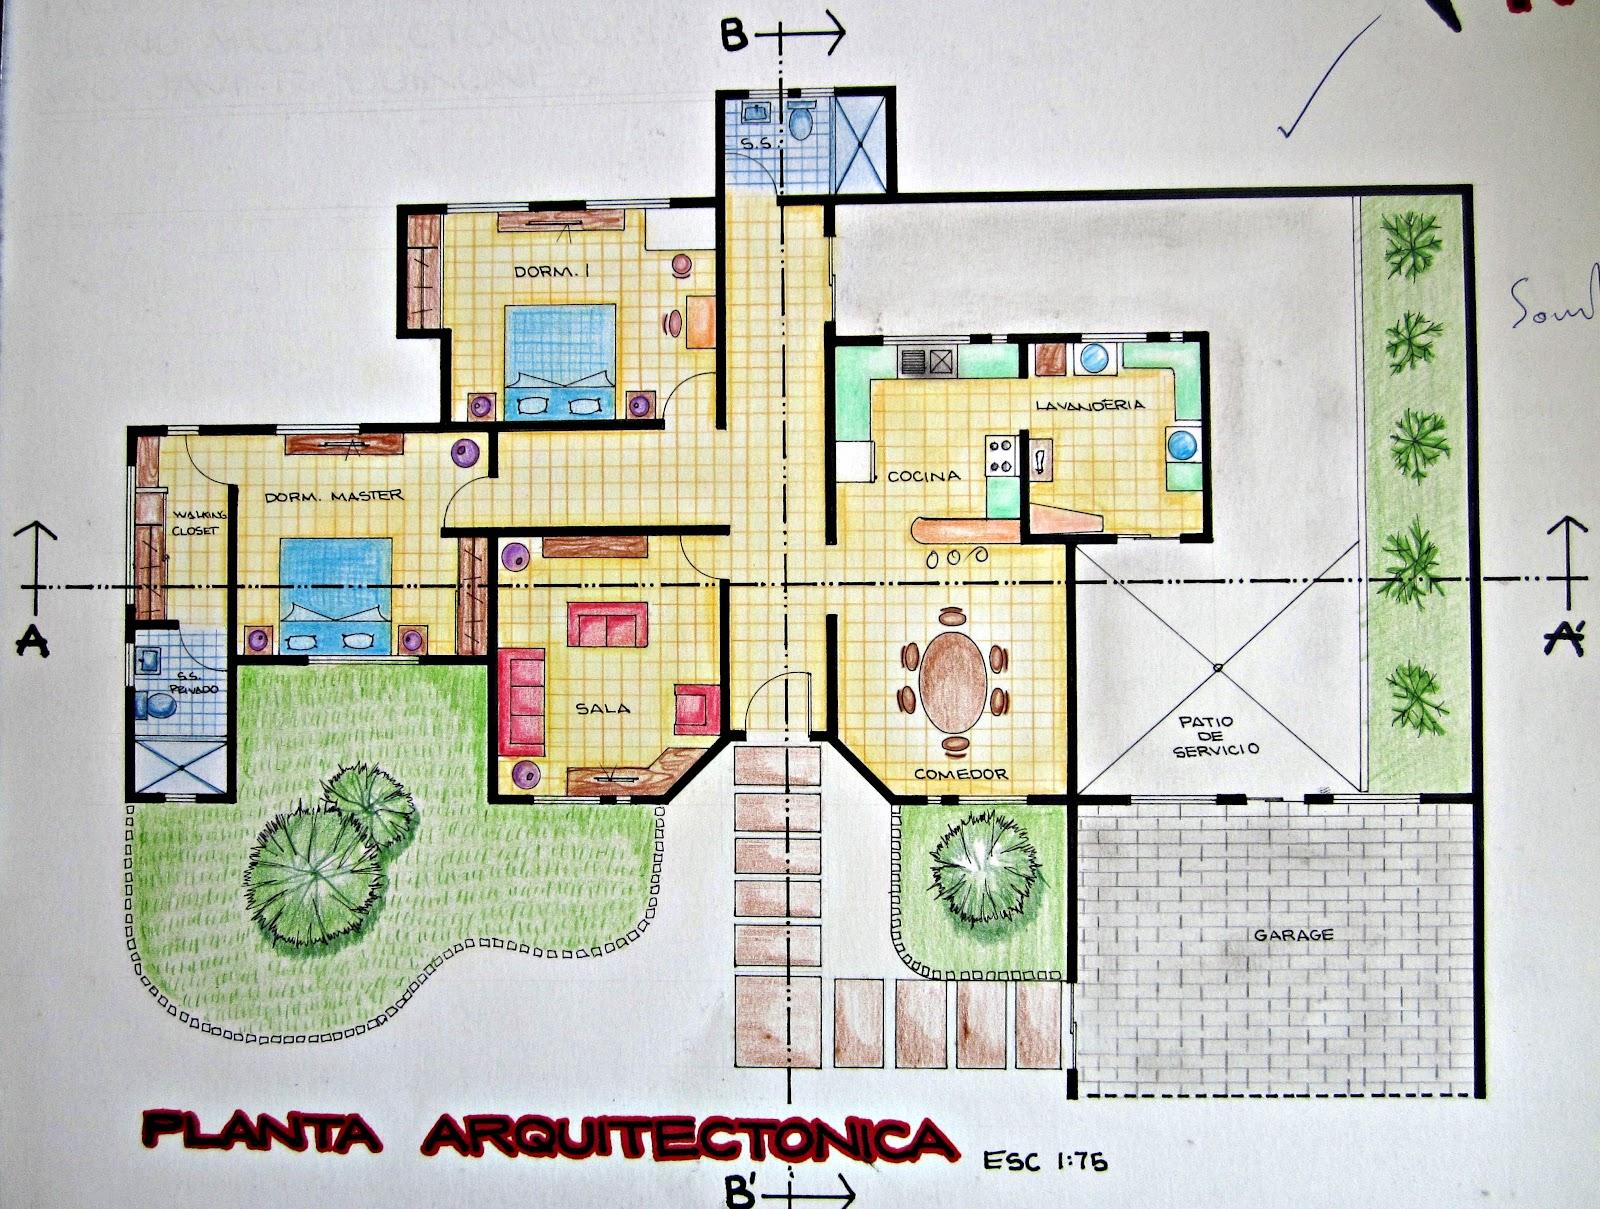 Portafolio dise o arquitect nico dise o arquitectonico 1 for Antropometria de la vivienda pdf